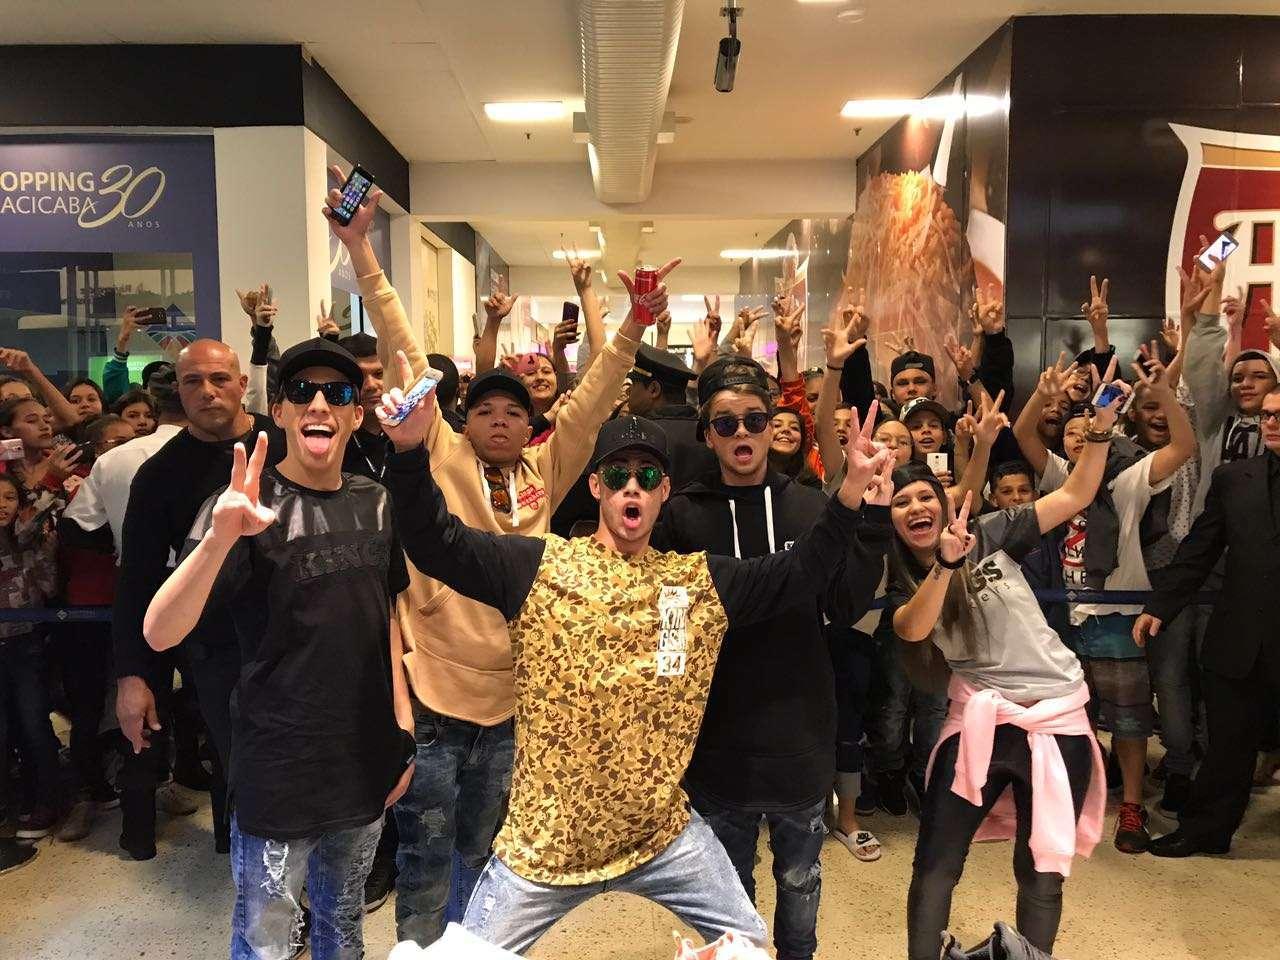 Encontro de Youtubers agita Shopping Piracicaba em SP 1